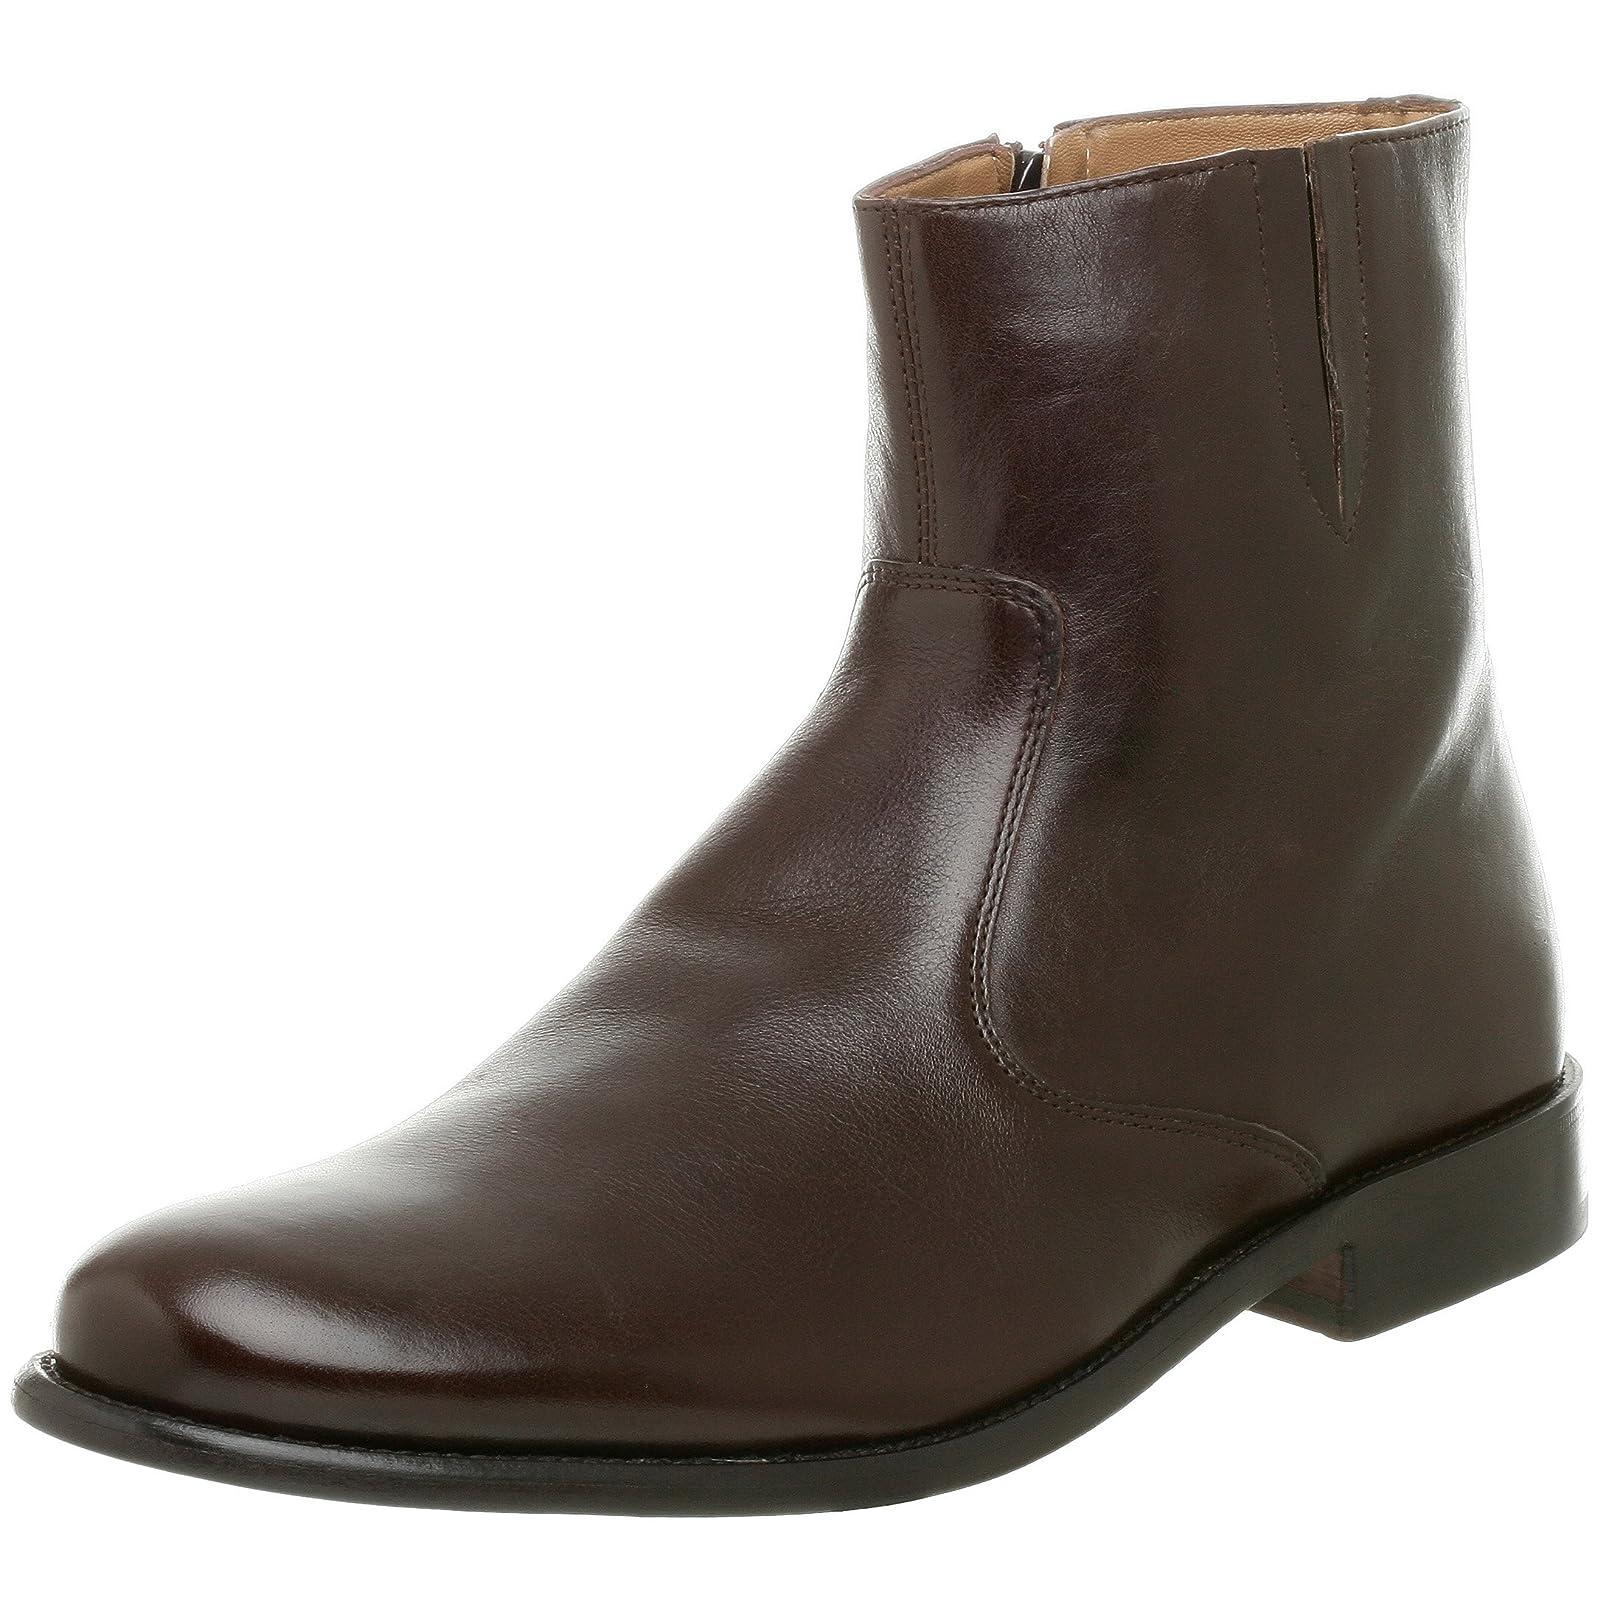 Florsheim Men's Hugo Boot 18570 Black Milled Leather - 1